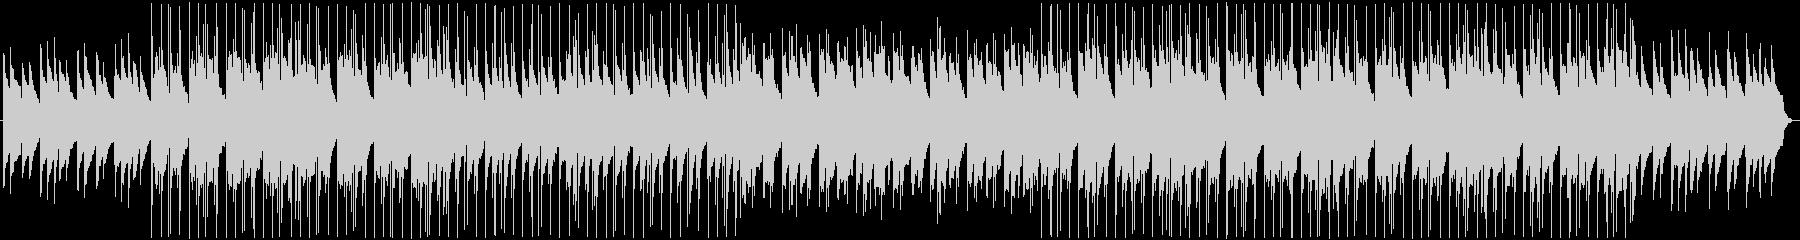 同じ感覚で時を刻むBGMの未再生の波形